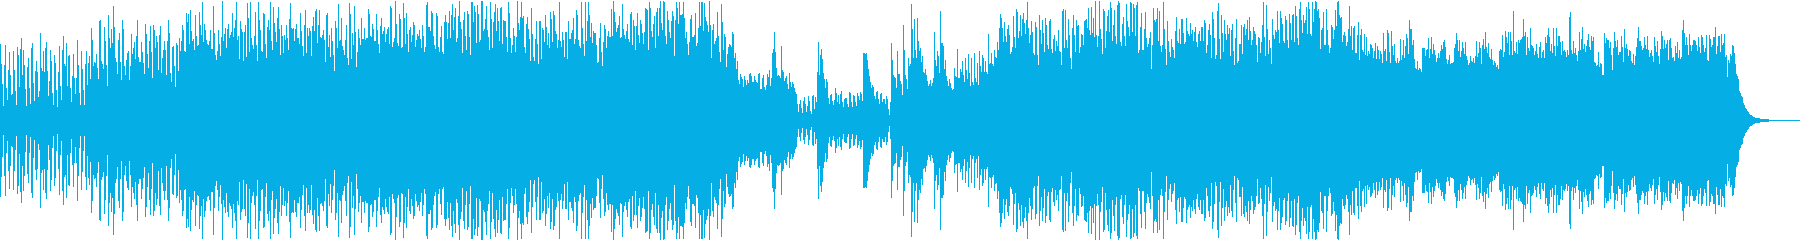 緊迫感のある尺八と琴の和風バトルBGMの再生済みの波形